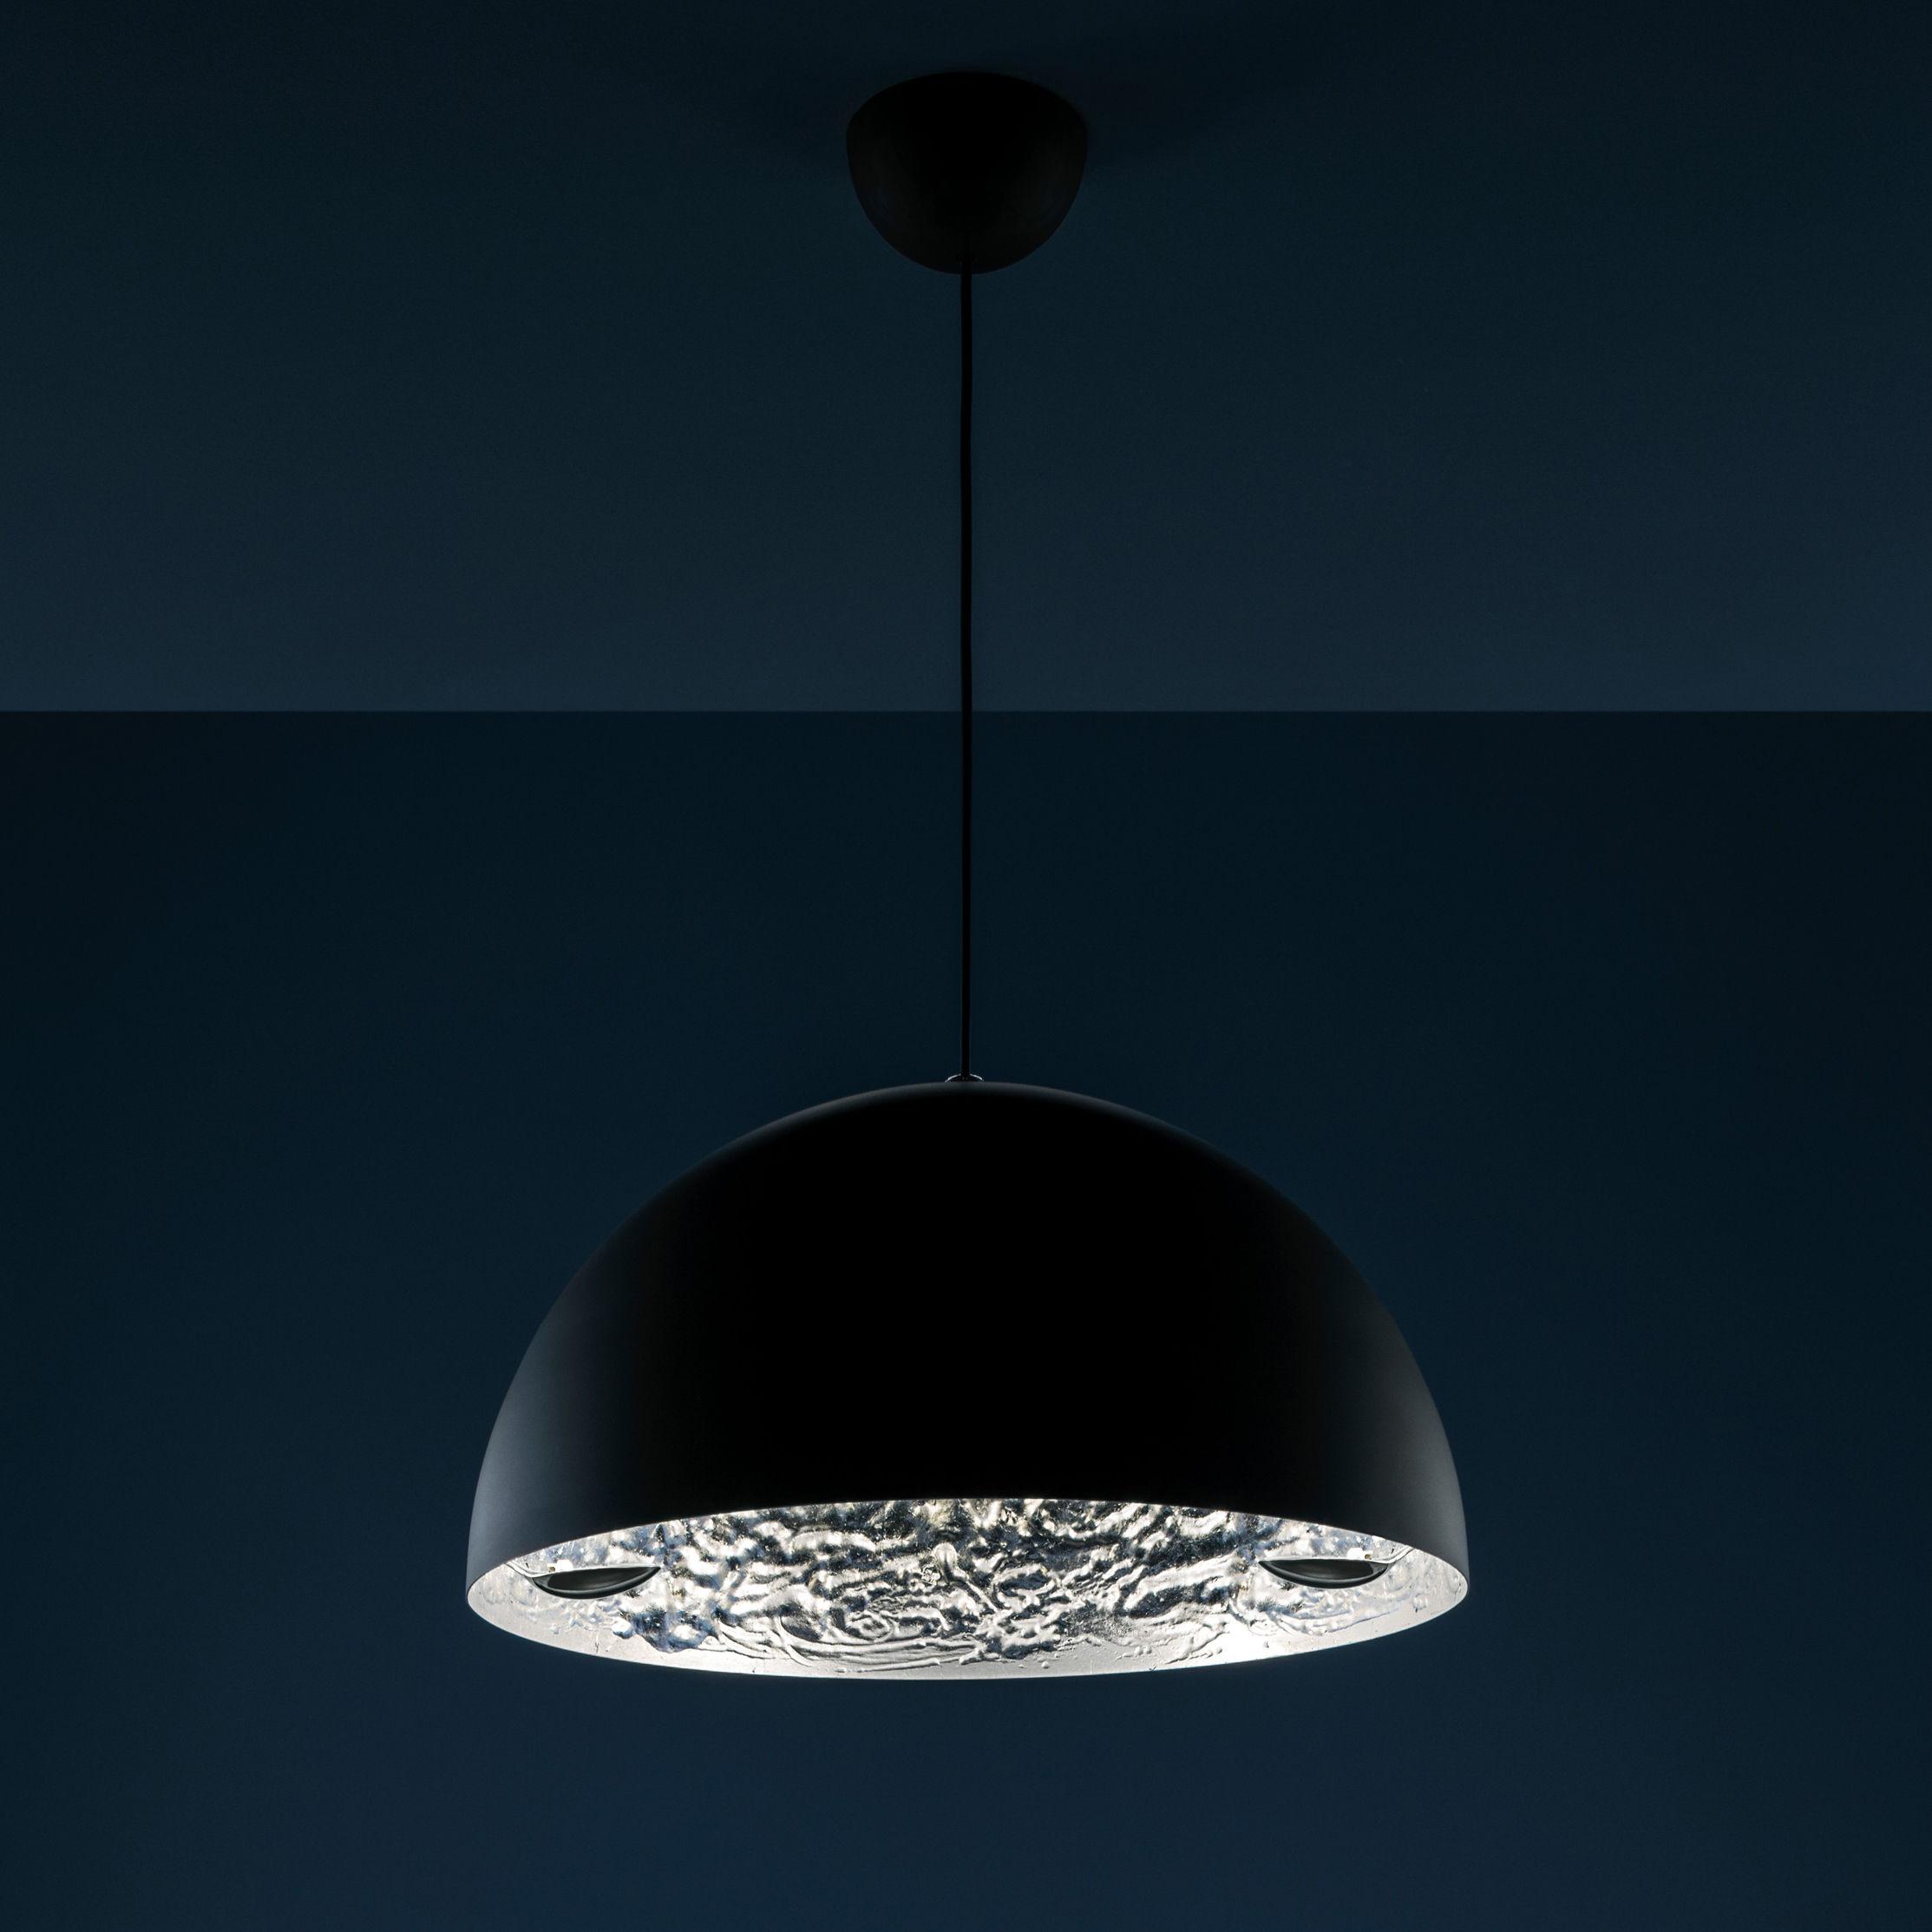 Luminaire - Suspensions - Suspension Stchu-moon 02 / LED - Ø 40 cm - Cuillères - Catellani & Smith - Noir & argent / Cuillères métal - Aluminium, Feuille argentée, Mousse polyuréthane